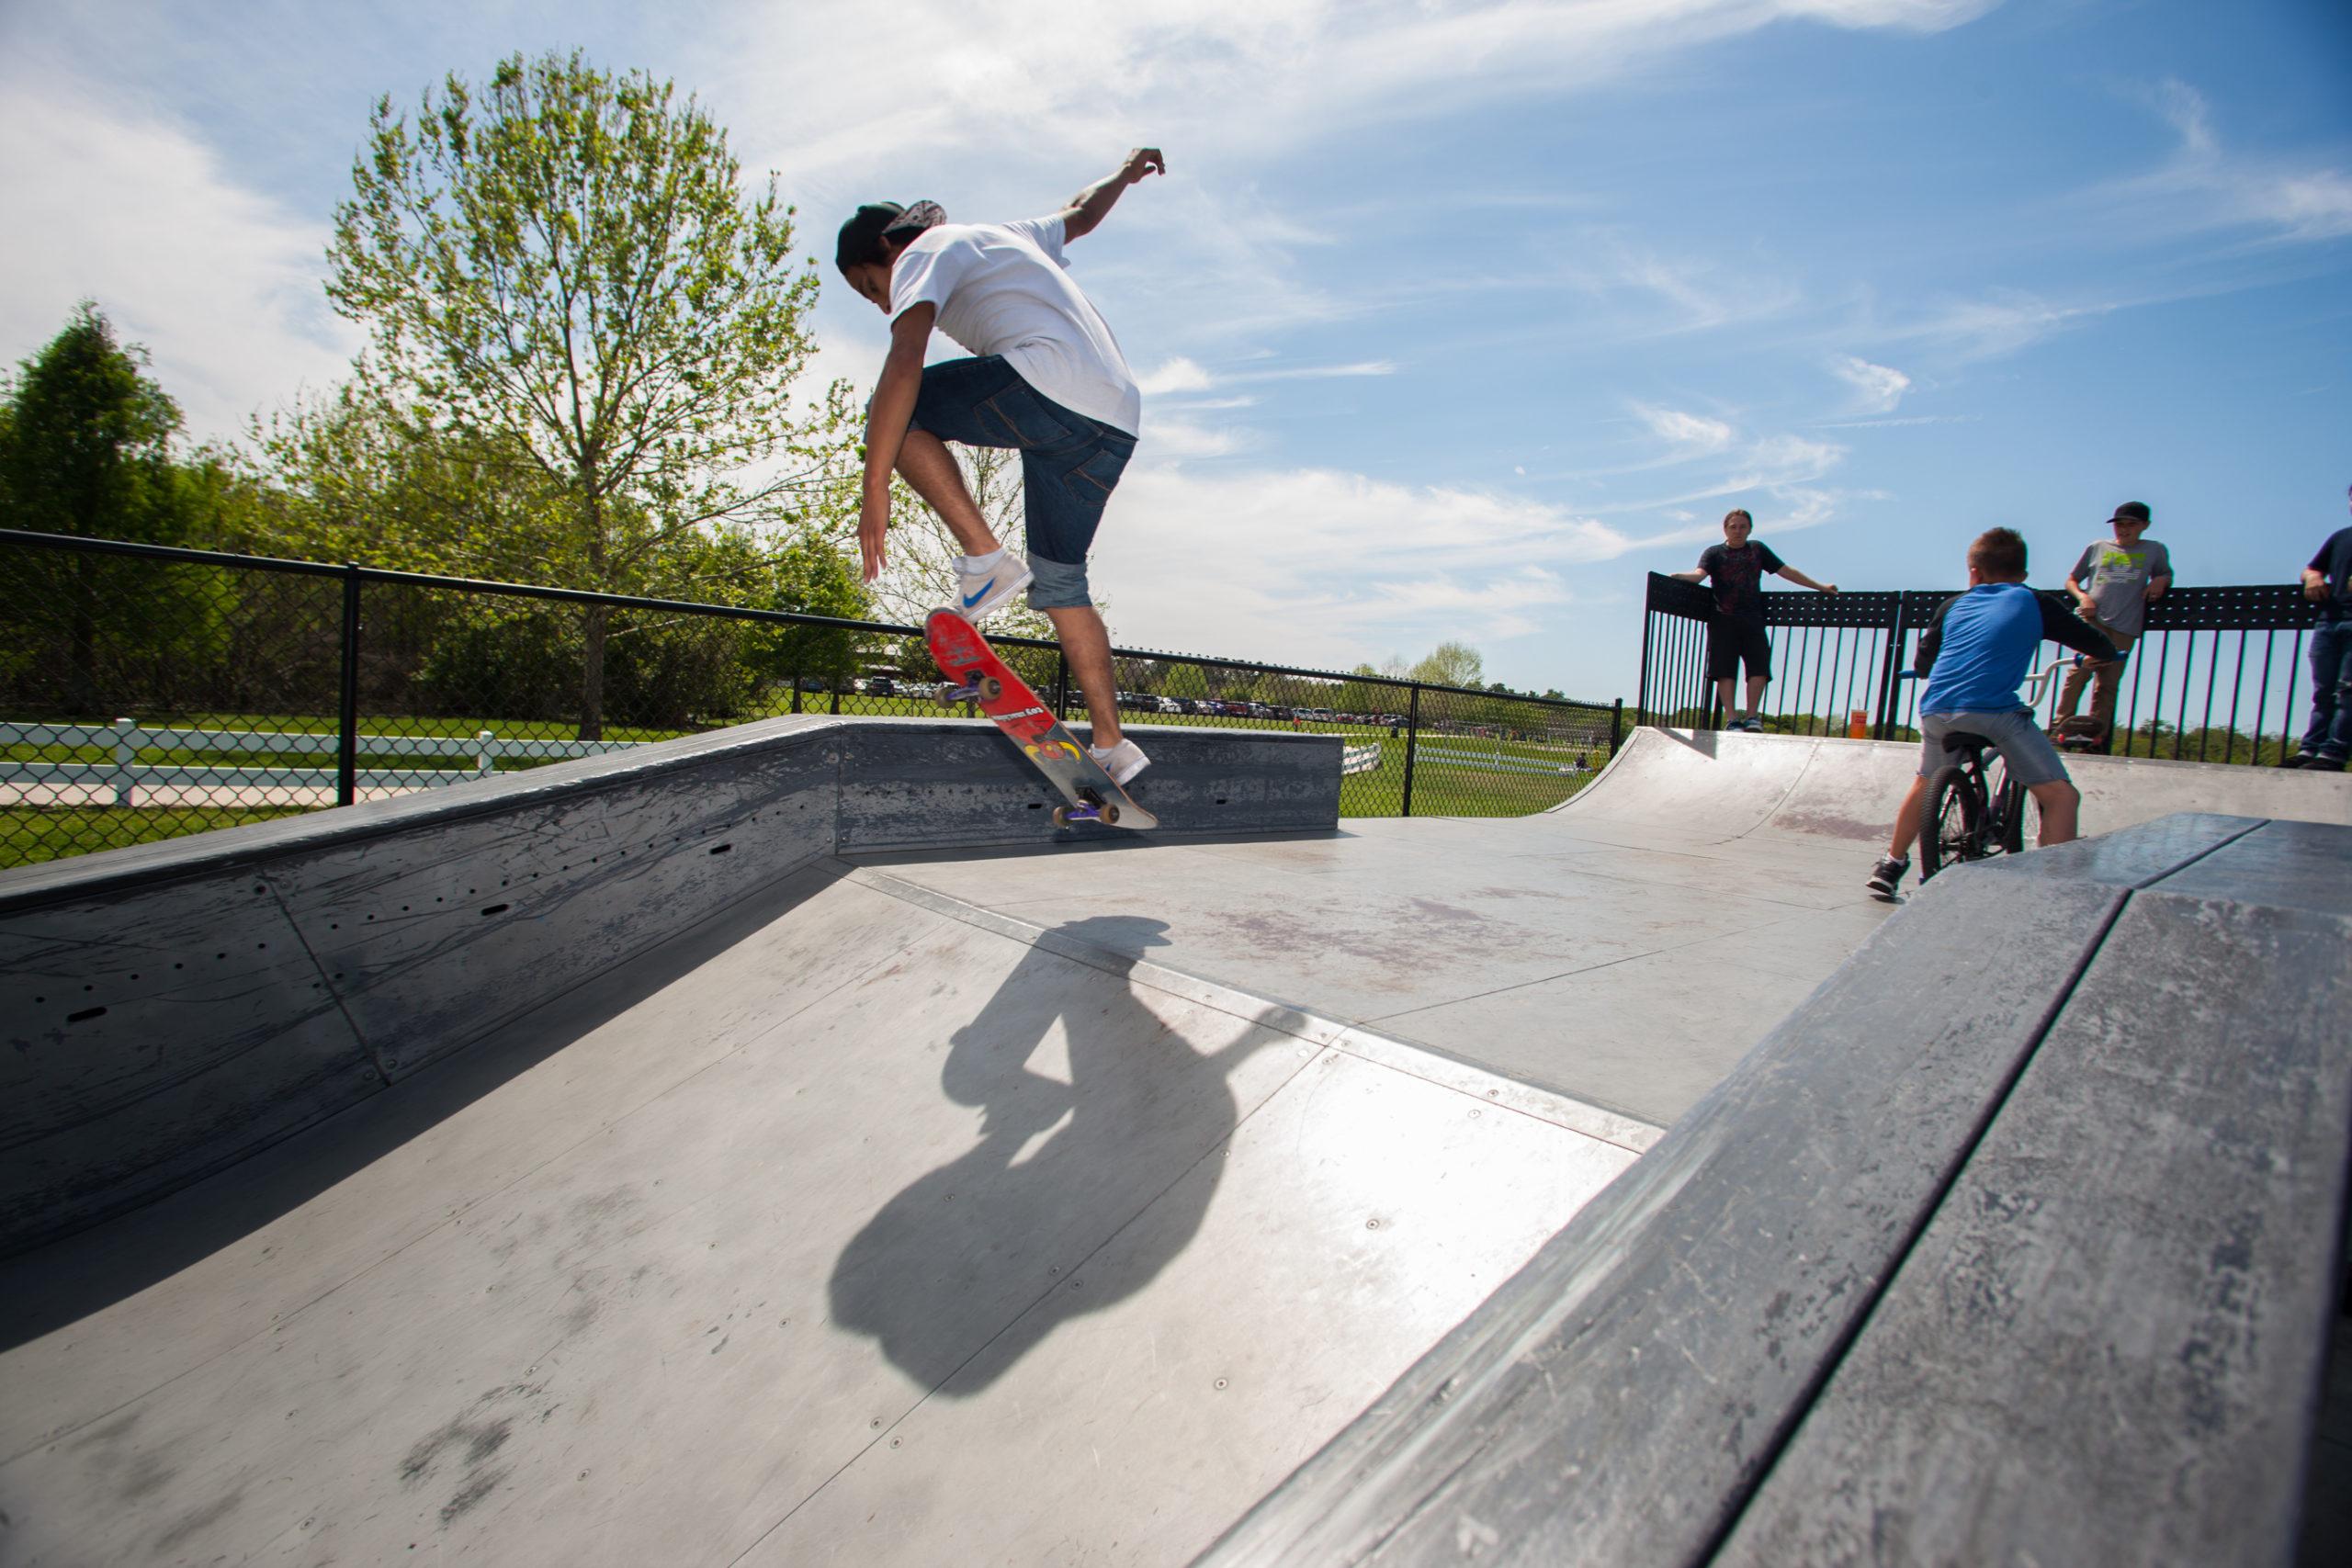 Personas practicando skateboarding en Barber Park